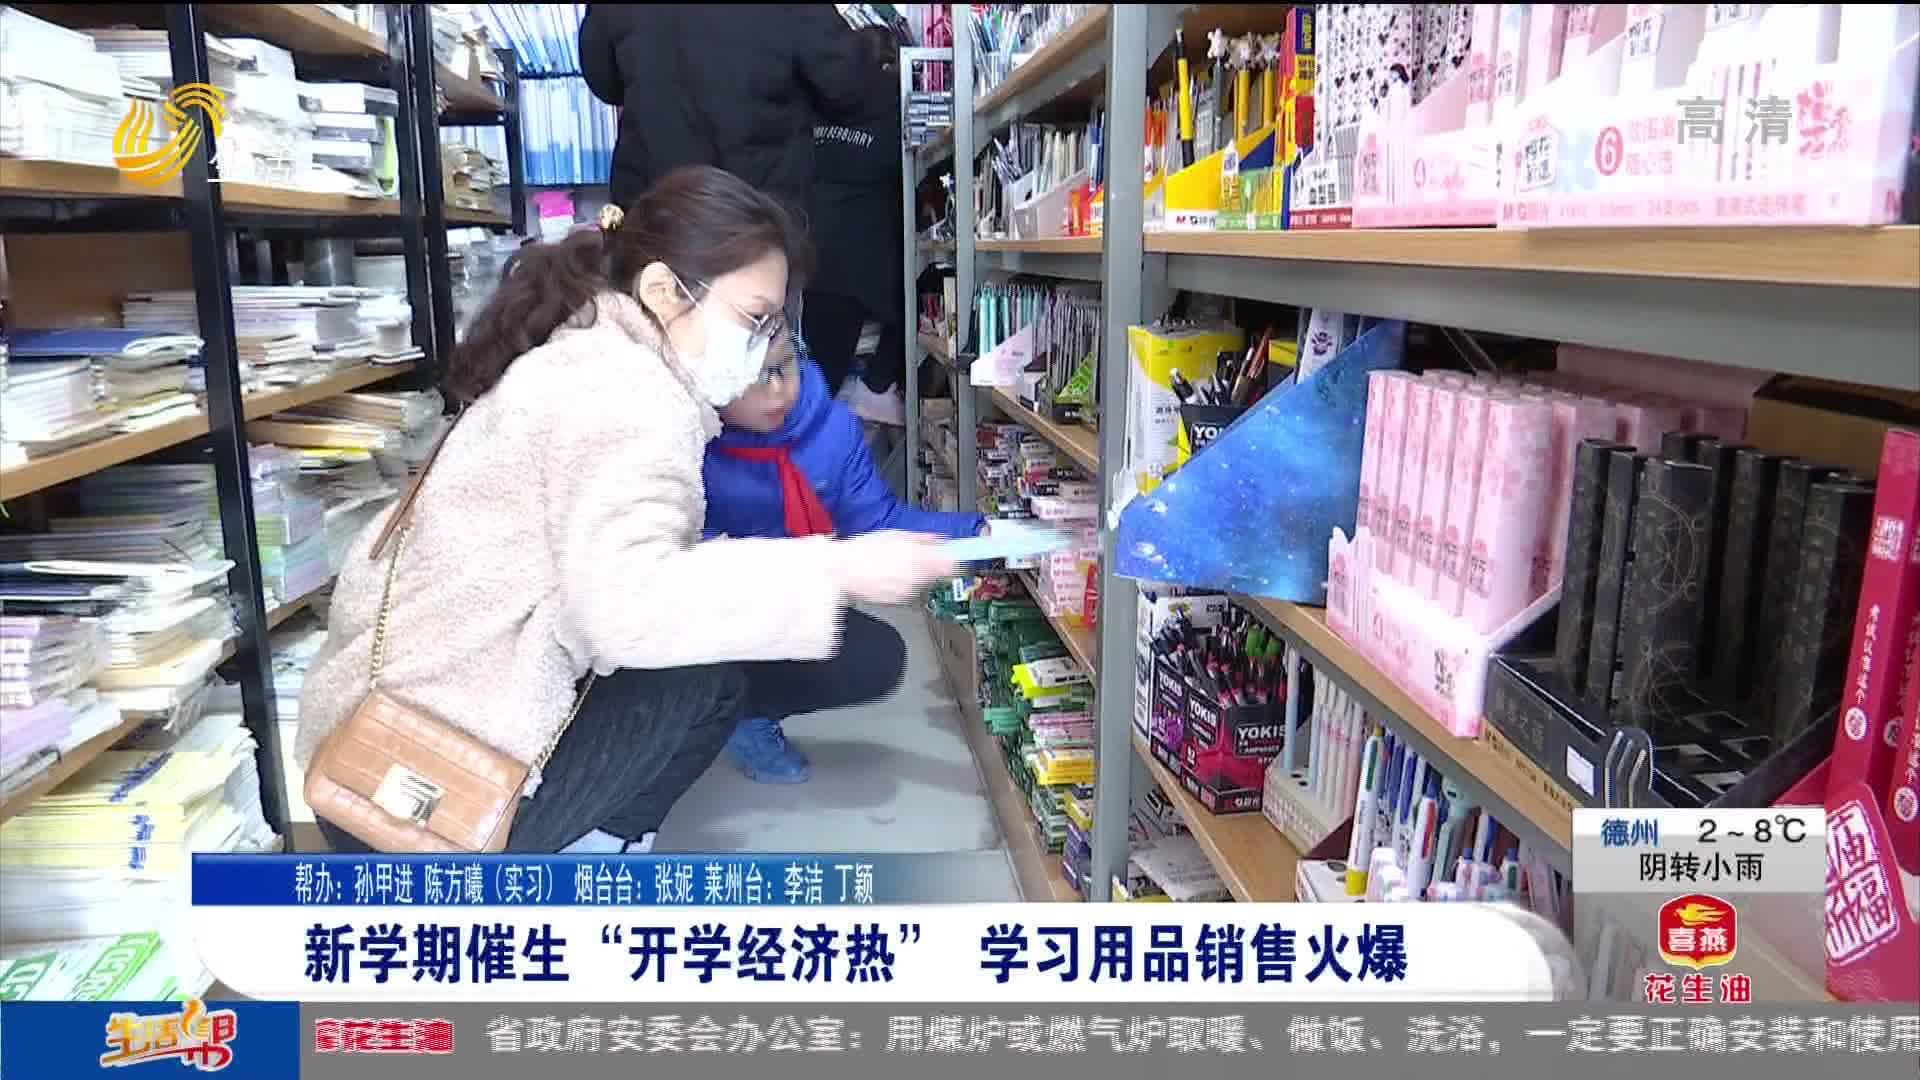 """新学期催生""""开学经济热"""" 学习用品销售火爆"""